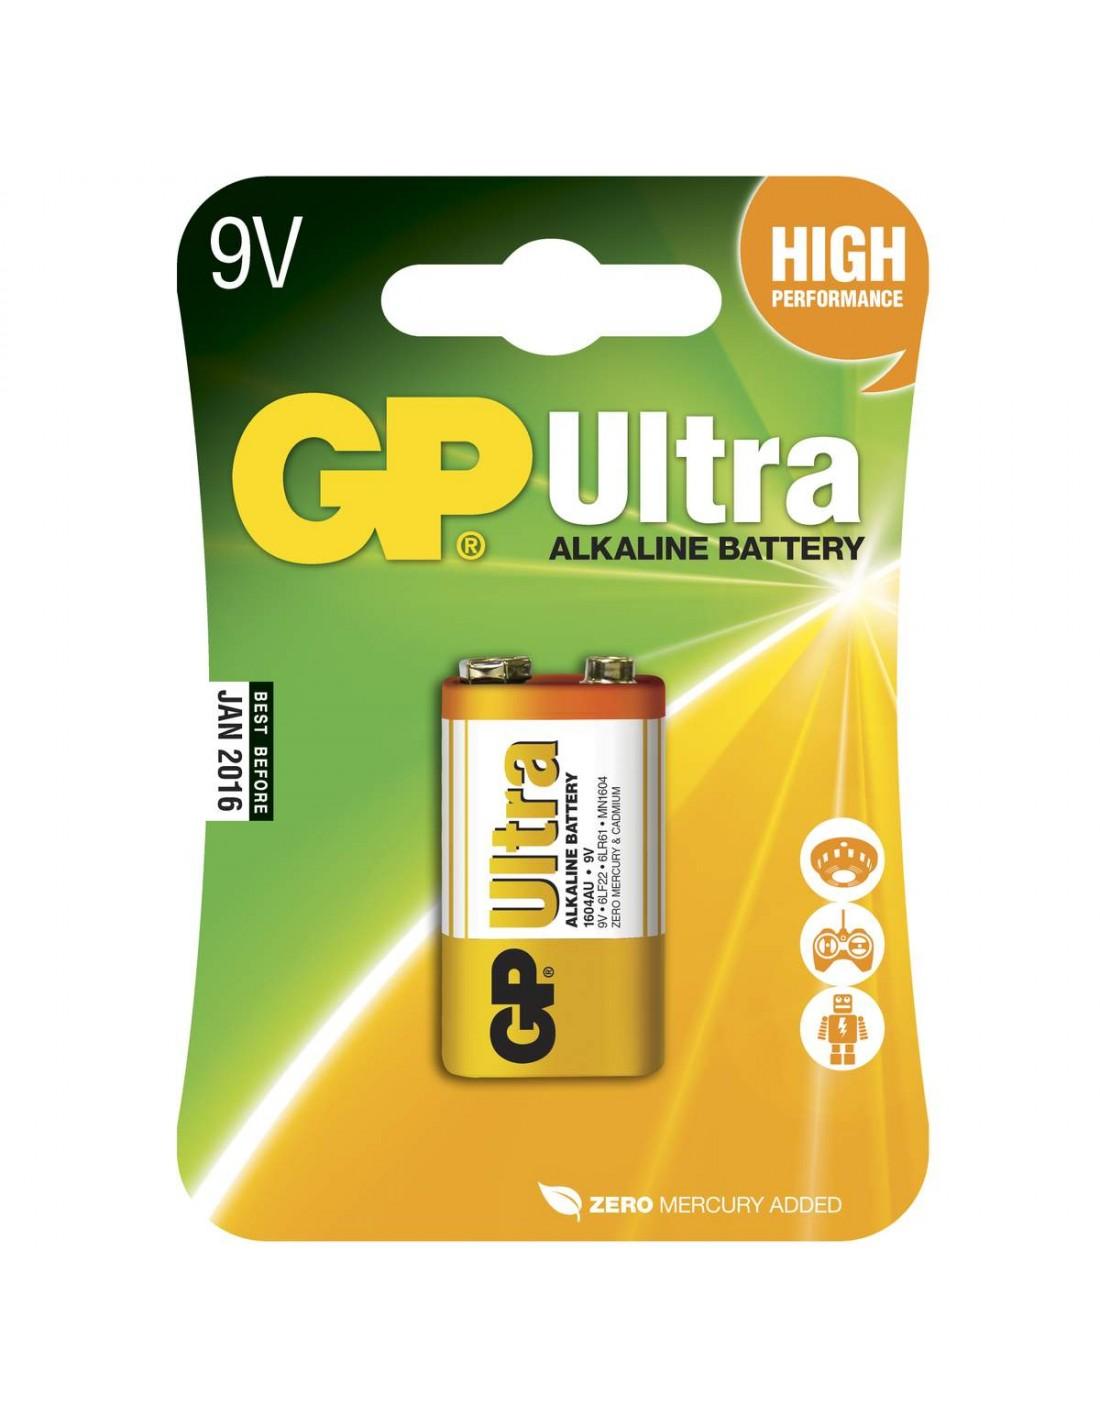 Tilbehør GP Batteri 6LF22 Ultra Alkalisk 9 v gp6lf22 55 kr